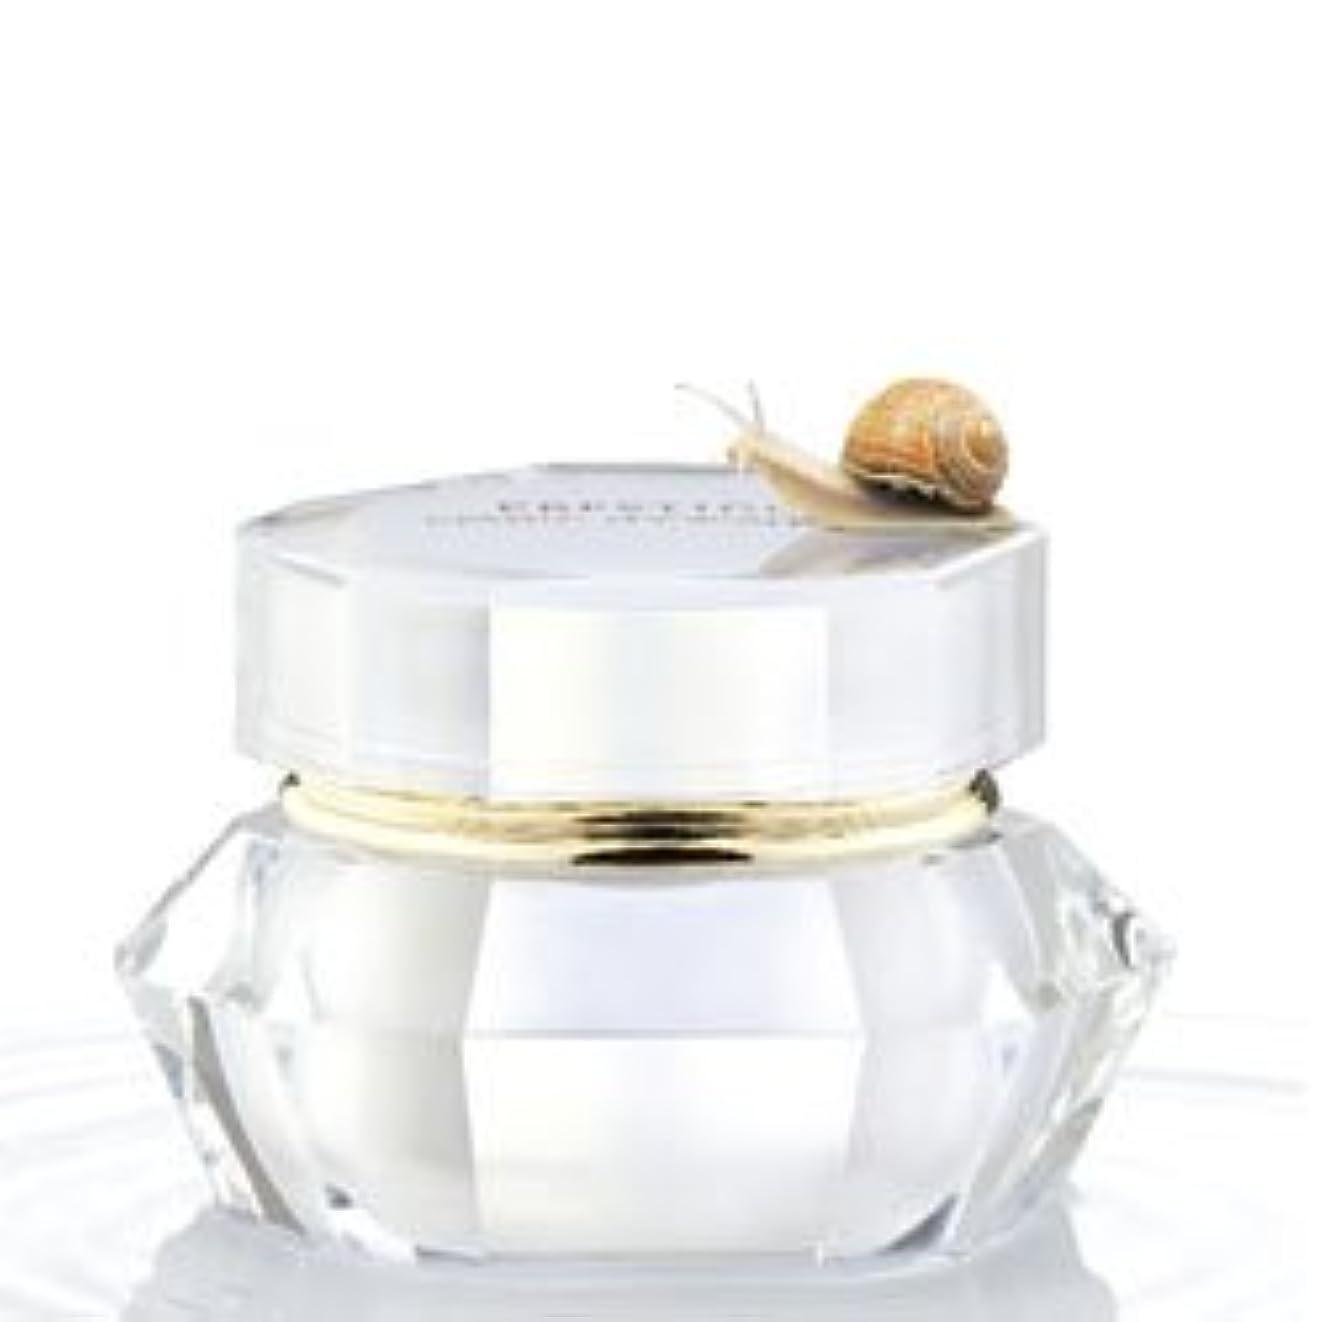 診断する軽減する教イッツスキン プレステージ エスカルゴ カタツムリ クリーム(60ml×1点)It's Skin Prestige Snail Escargot Cream